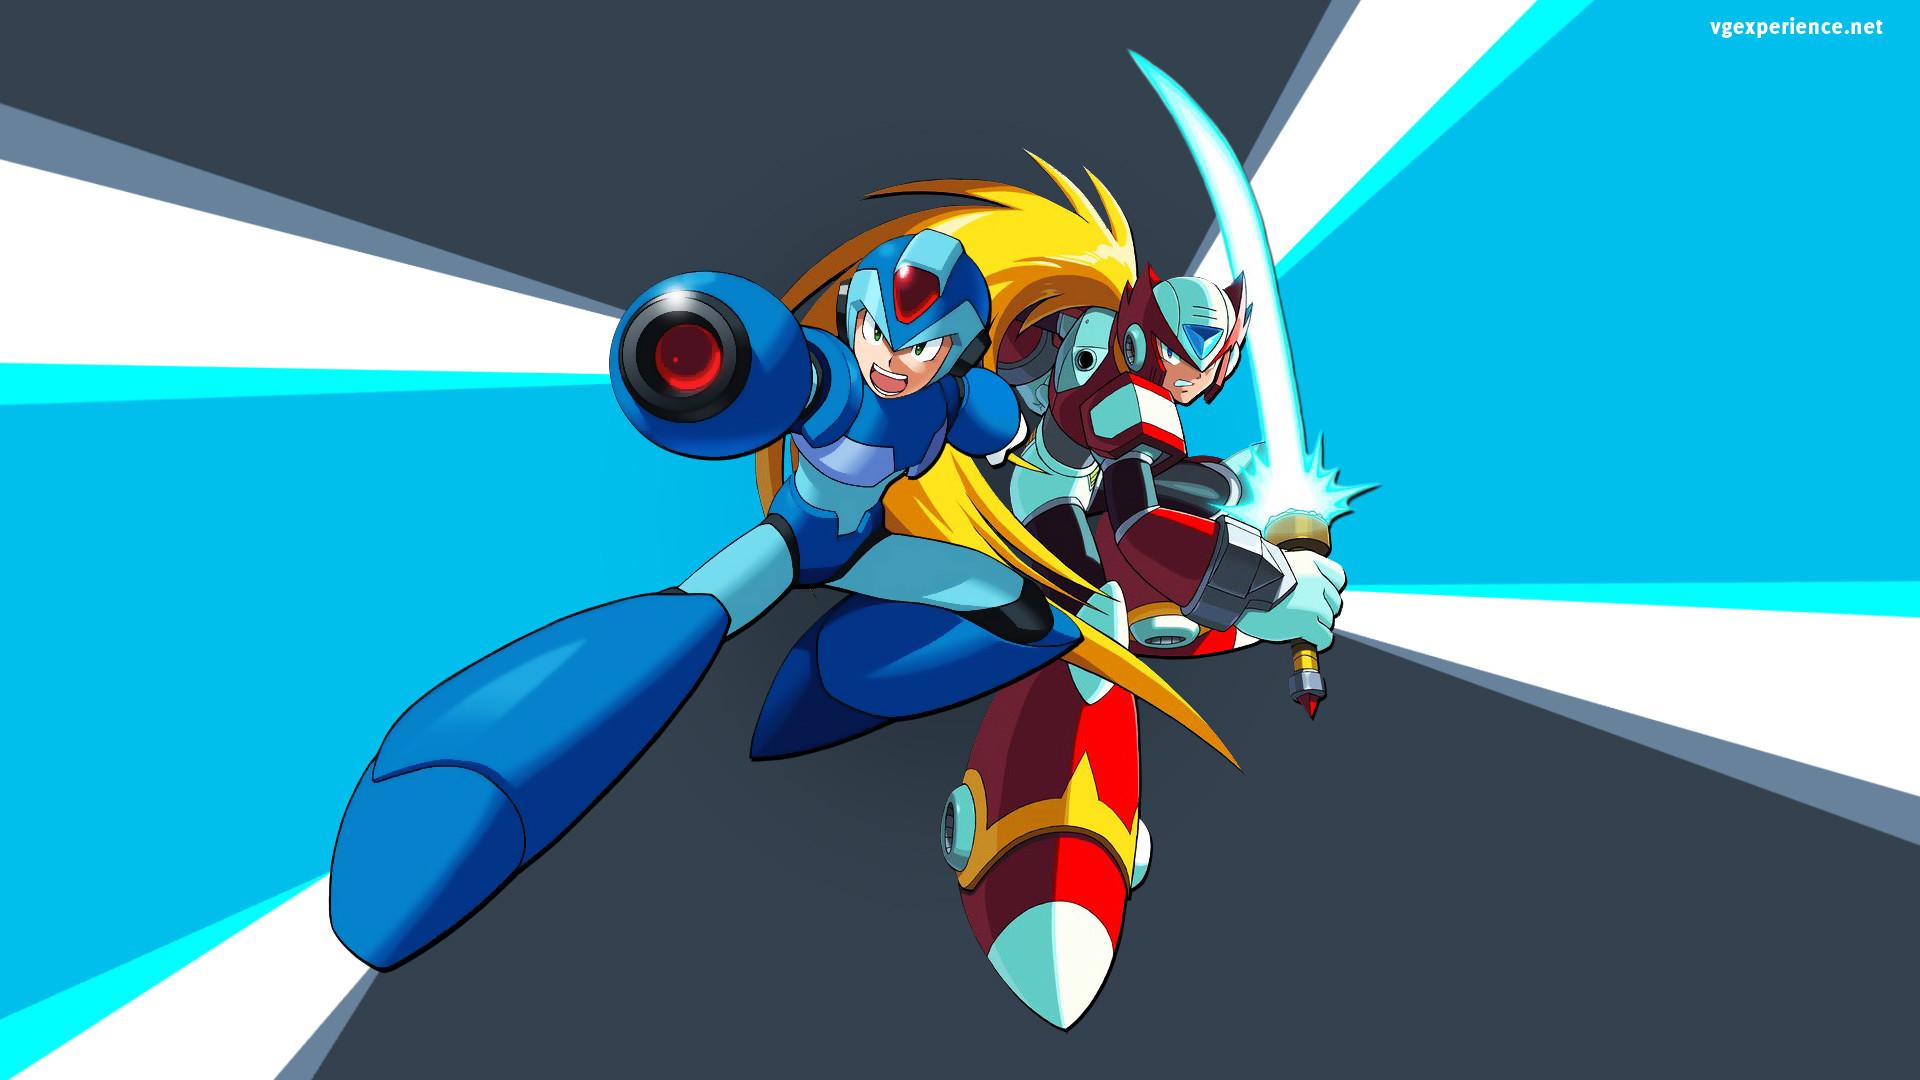 Megaman X wallpaper – 85148